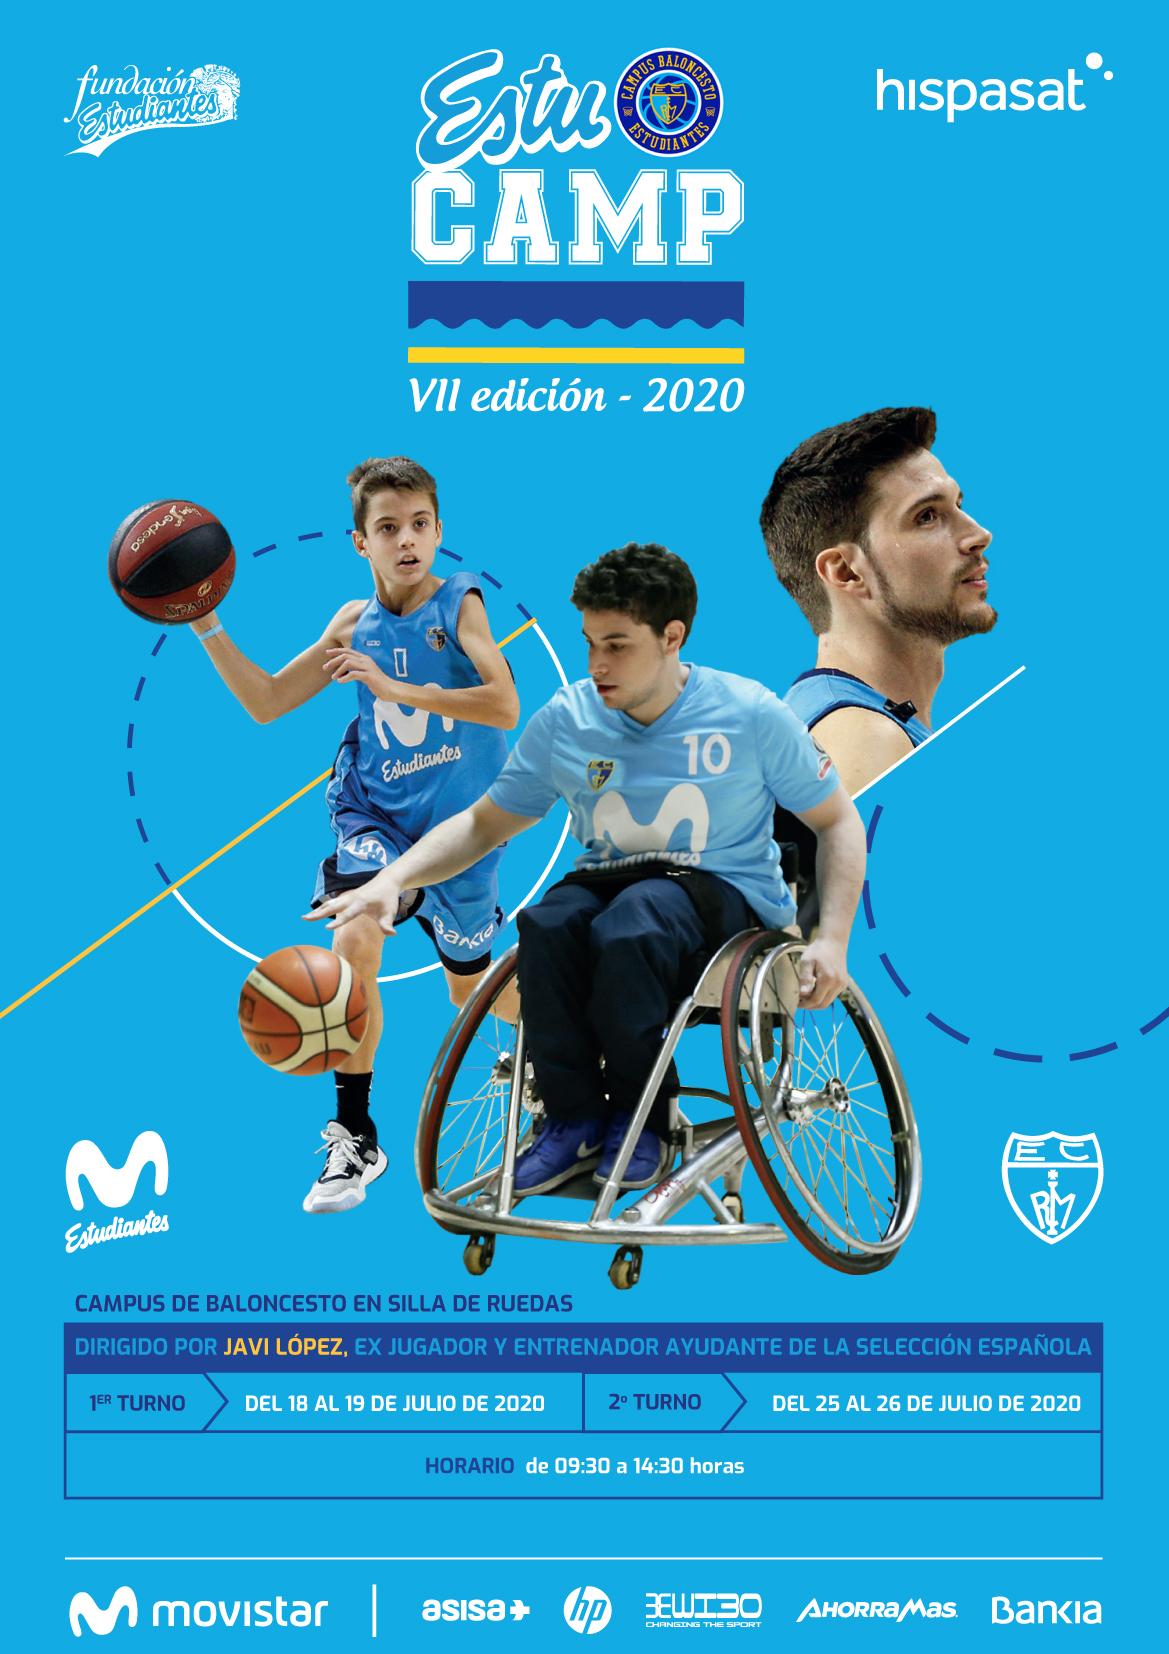 VII Campus ESTUCAMP Baloncesto en Silla de Ruedas